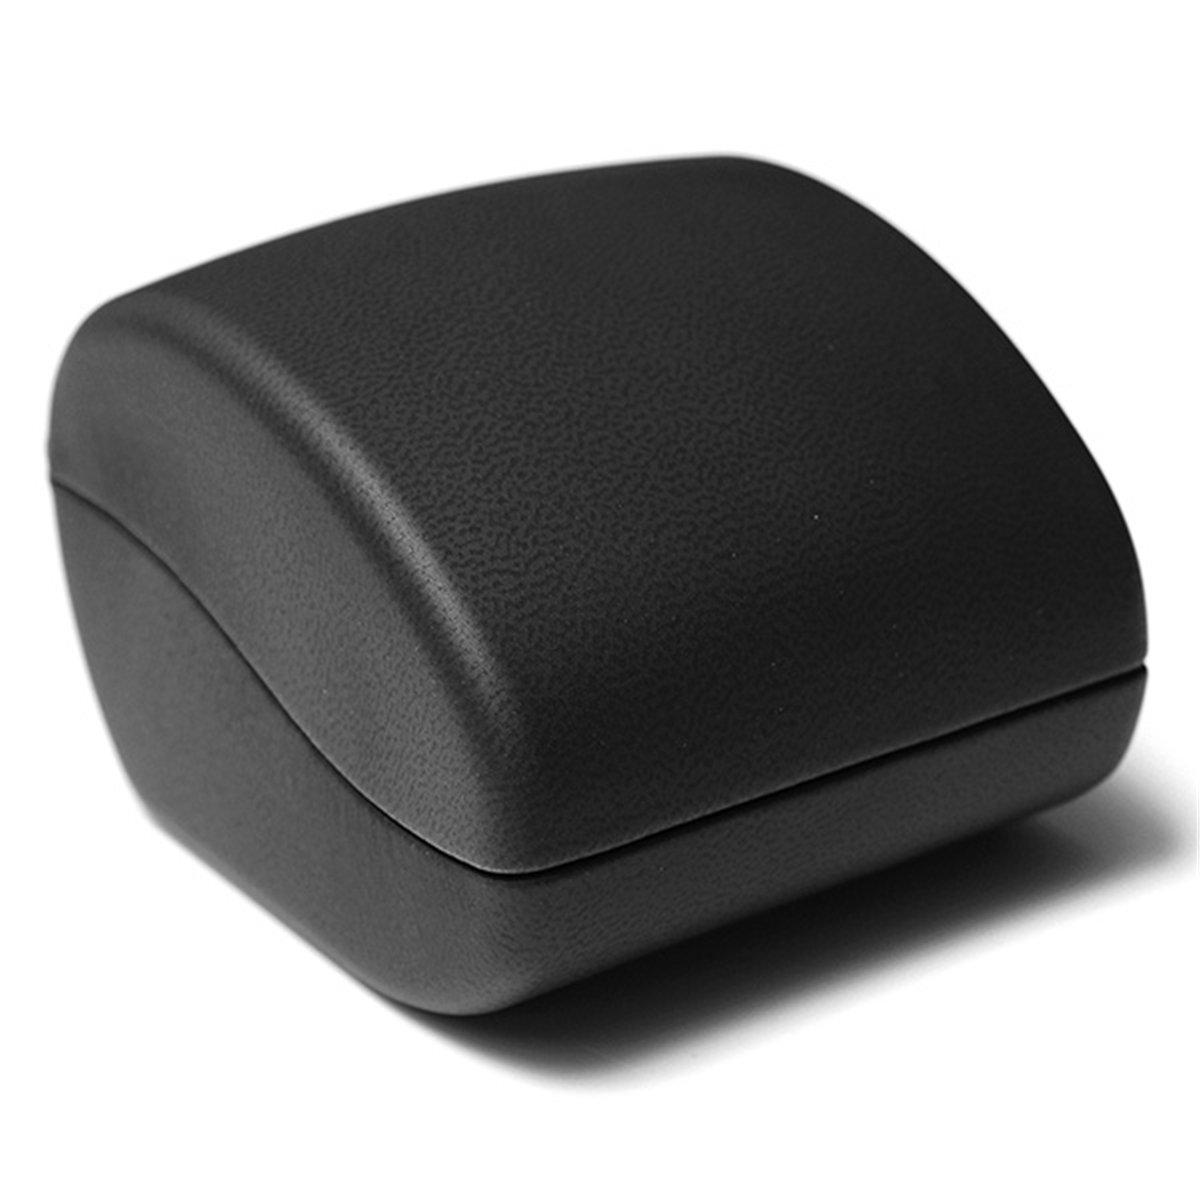 2x ecrin bague boite a bijoux cadeau mariage fiancaille noir y3 ebay. Black Bedroom Furniture Sets. Home Design Ideas